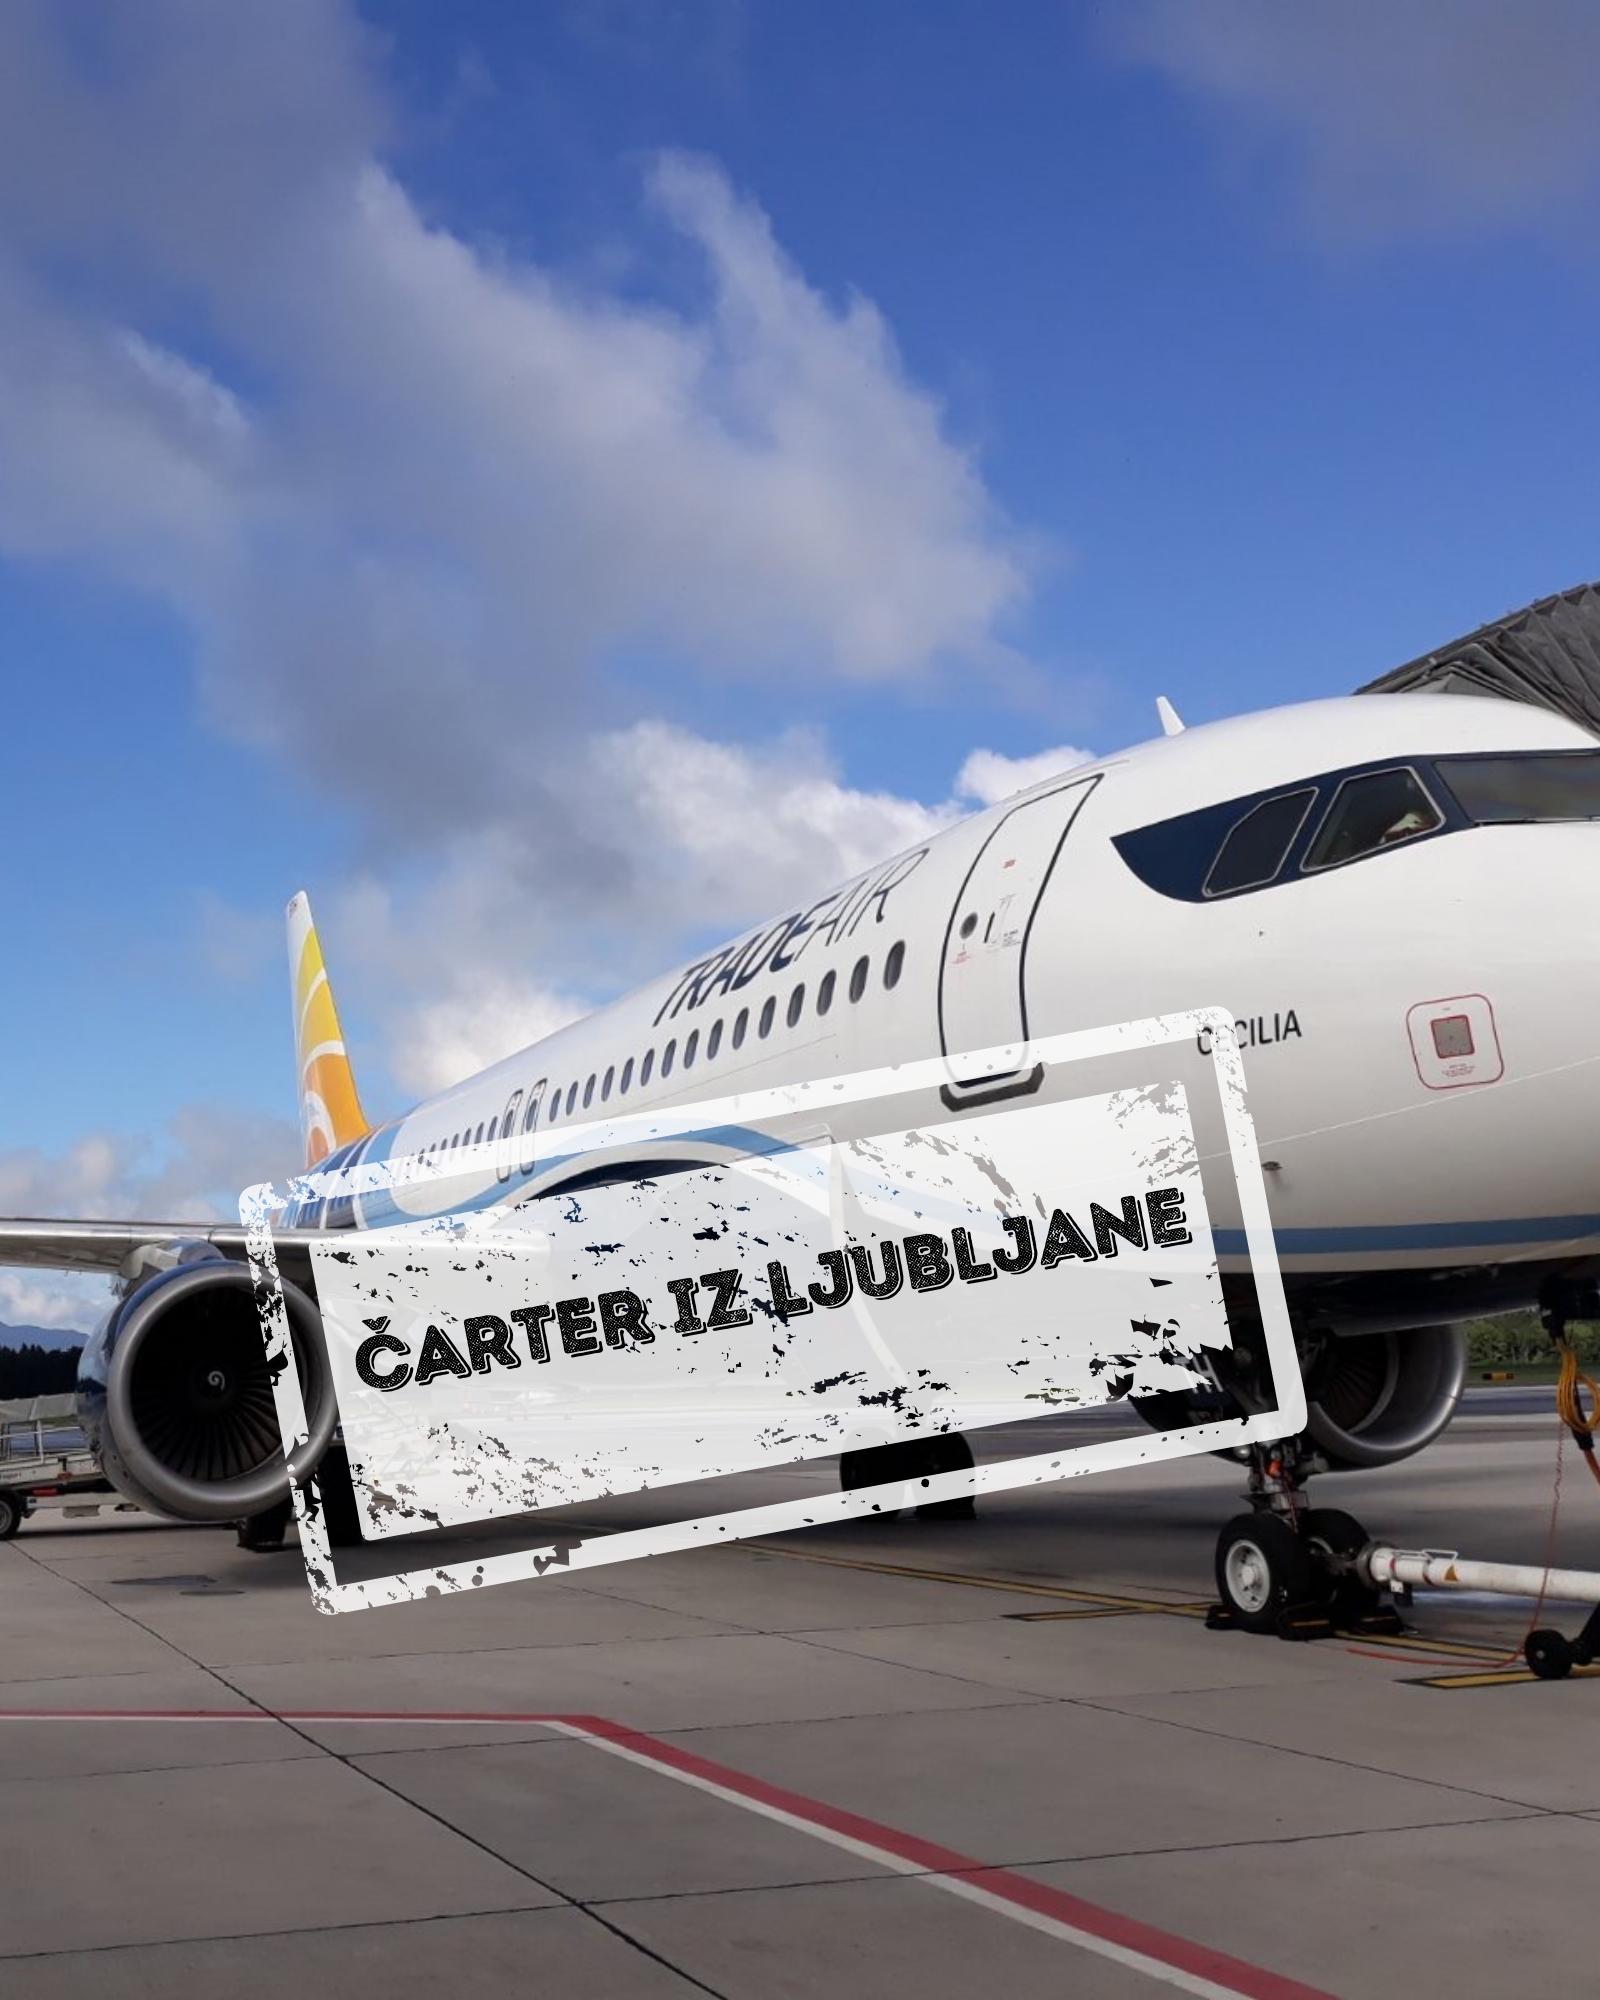 Tenerife - čarter iz Ljubljane - samo let 7 dni